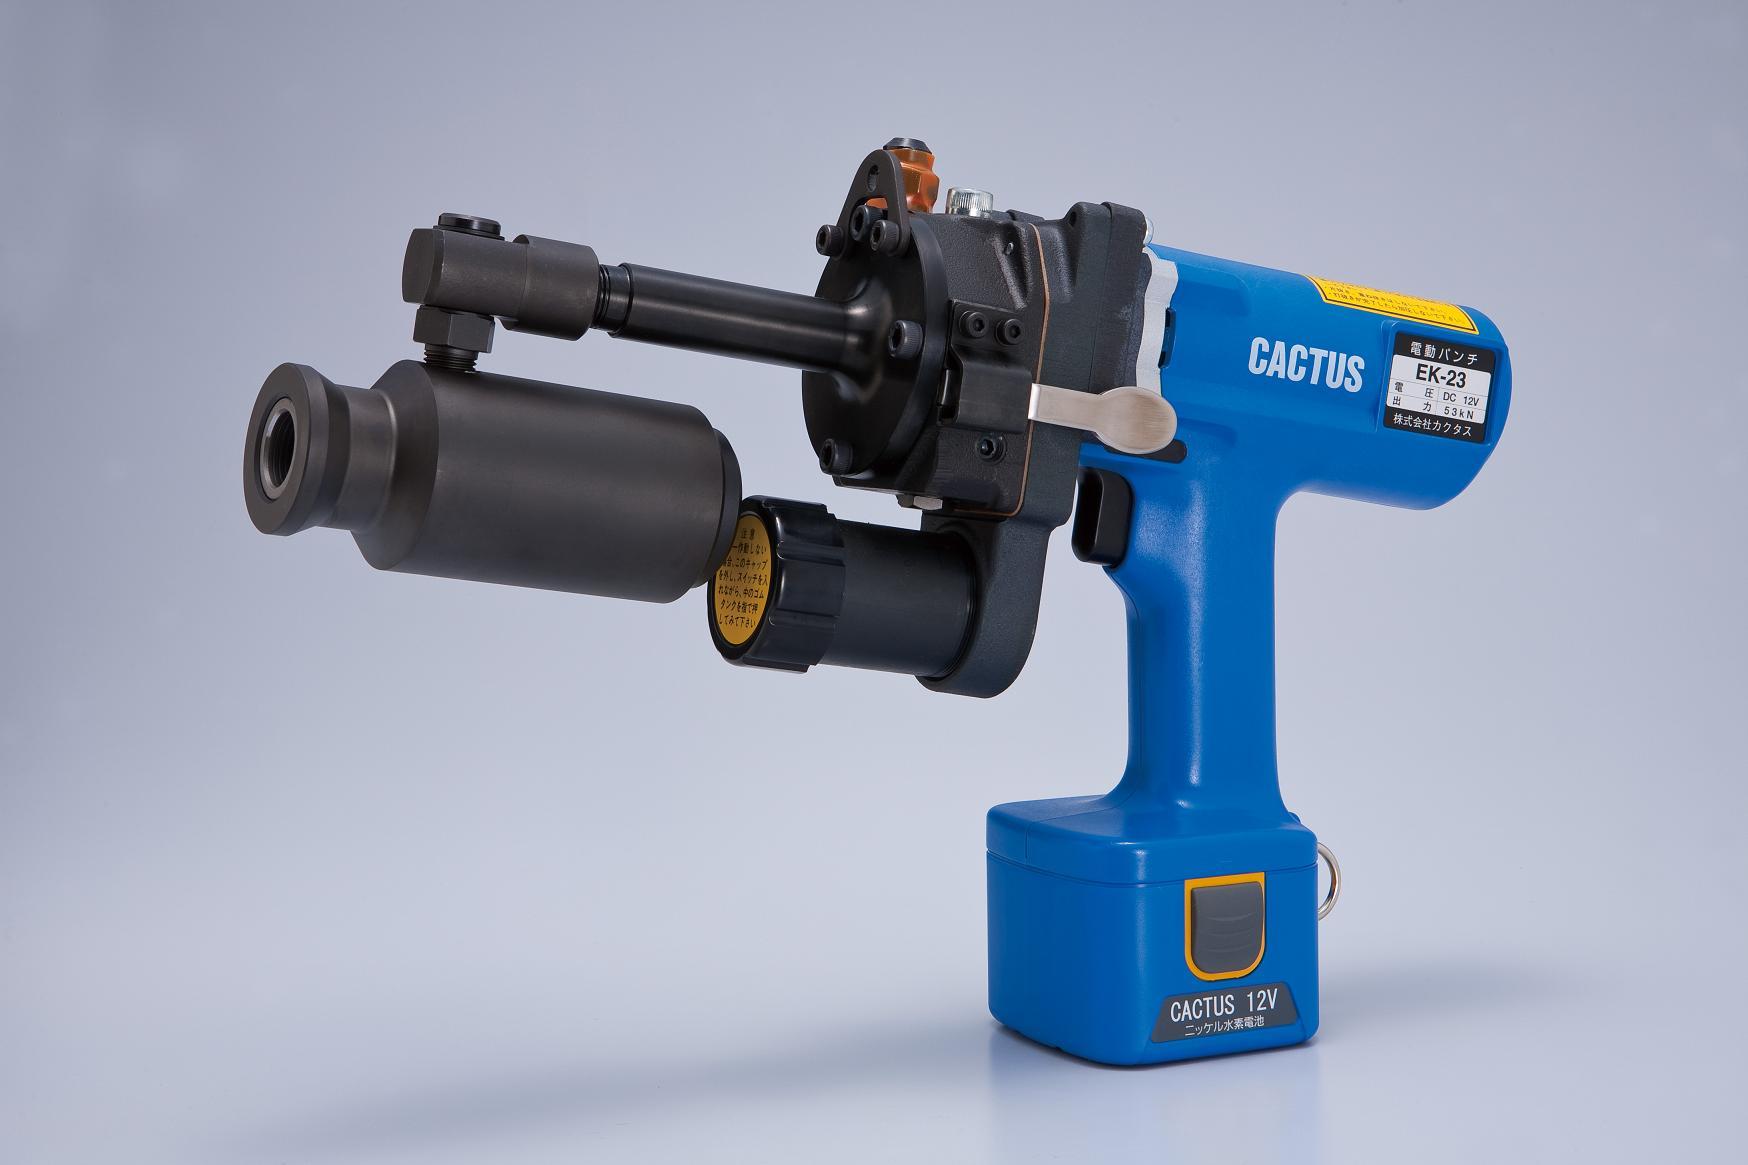 产基 CACTUS 电动油压式打孔机EK-23